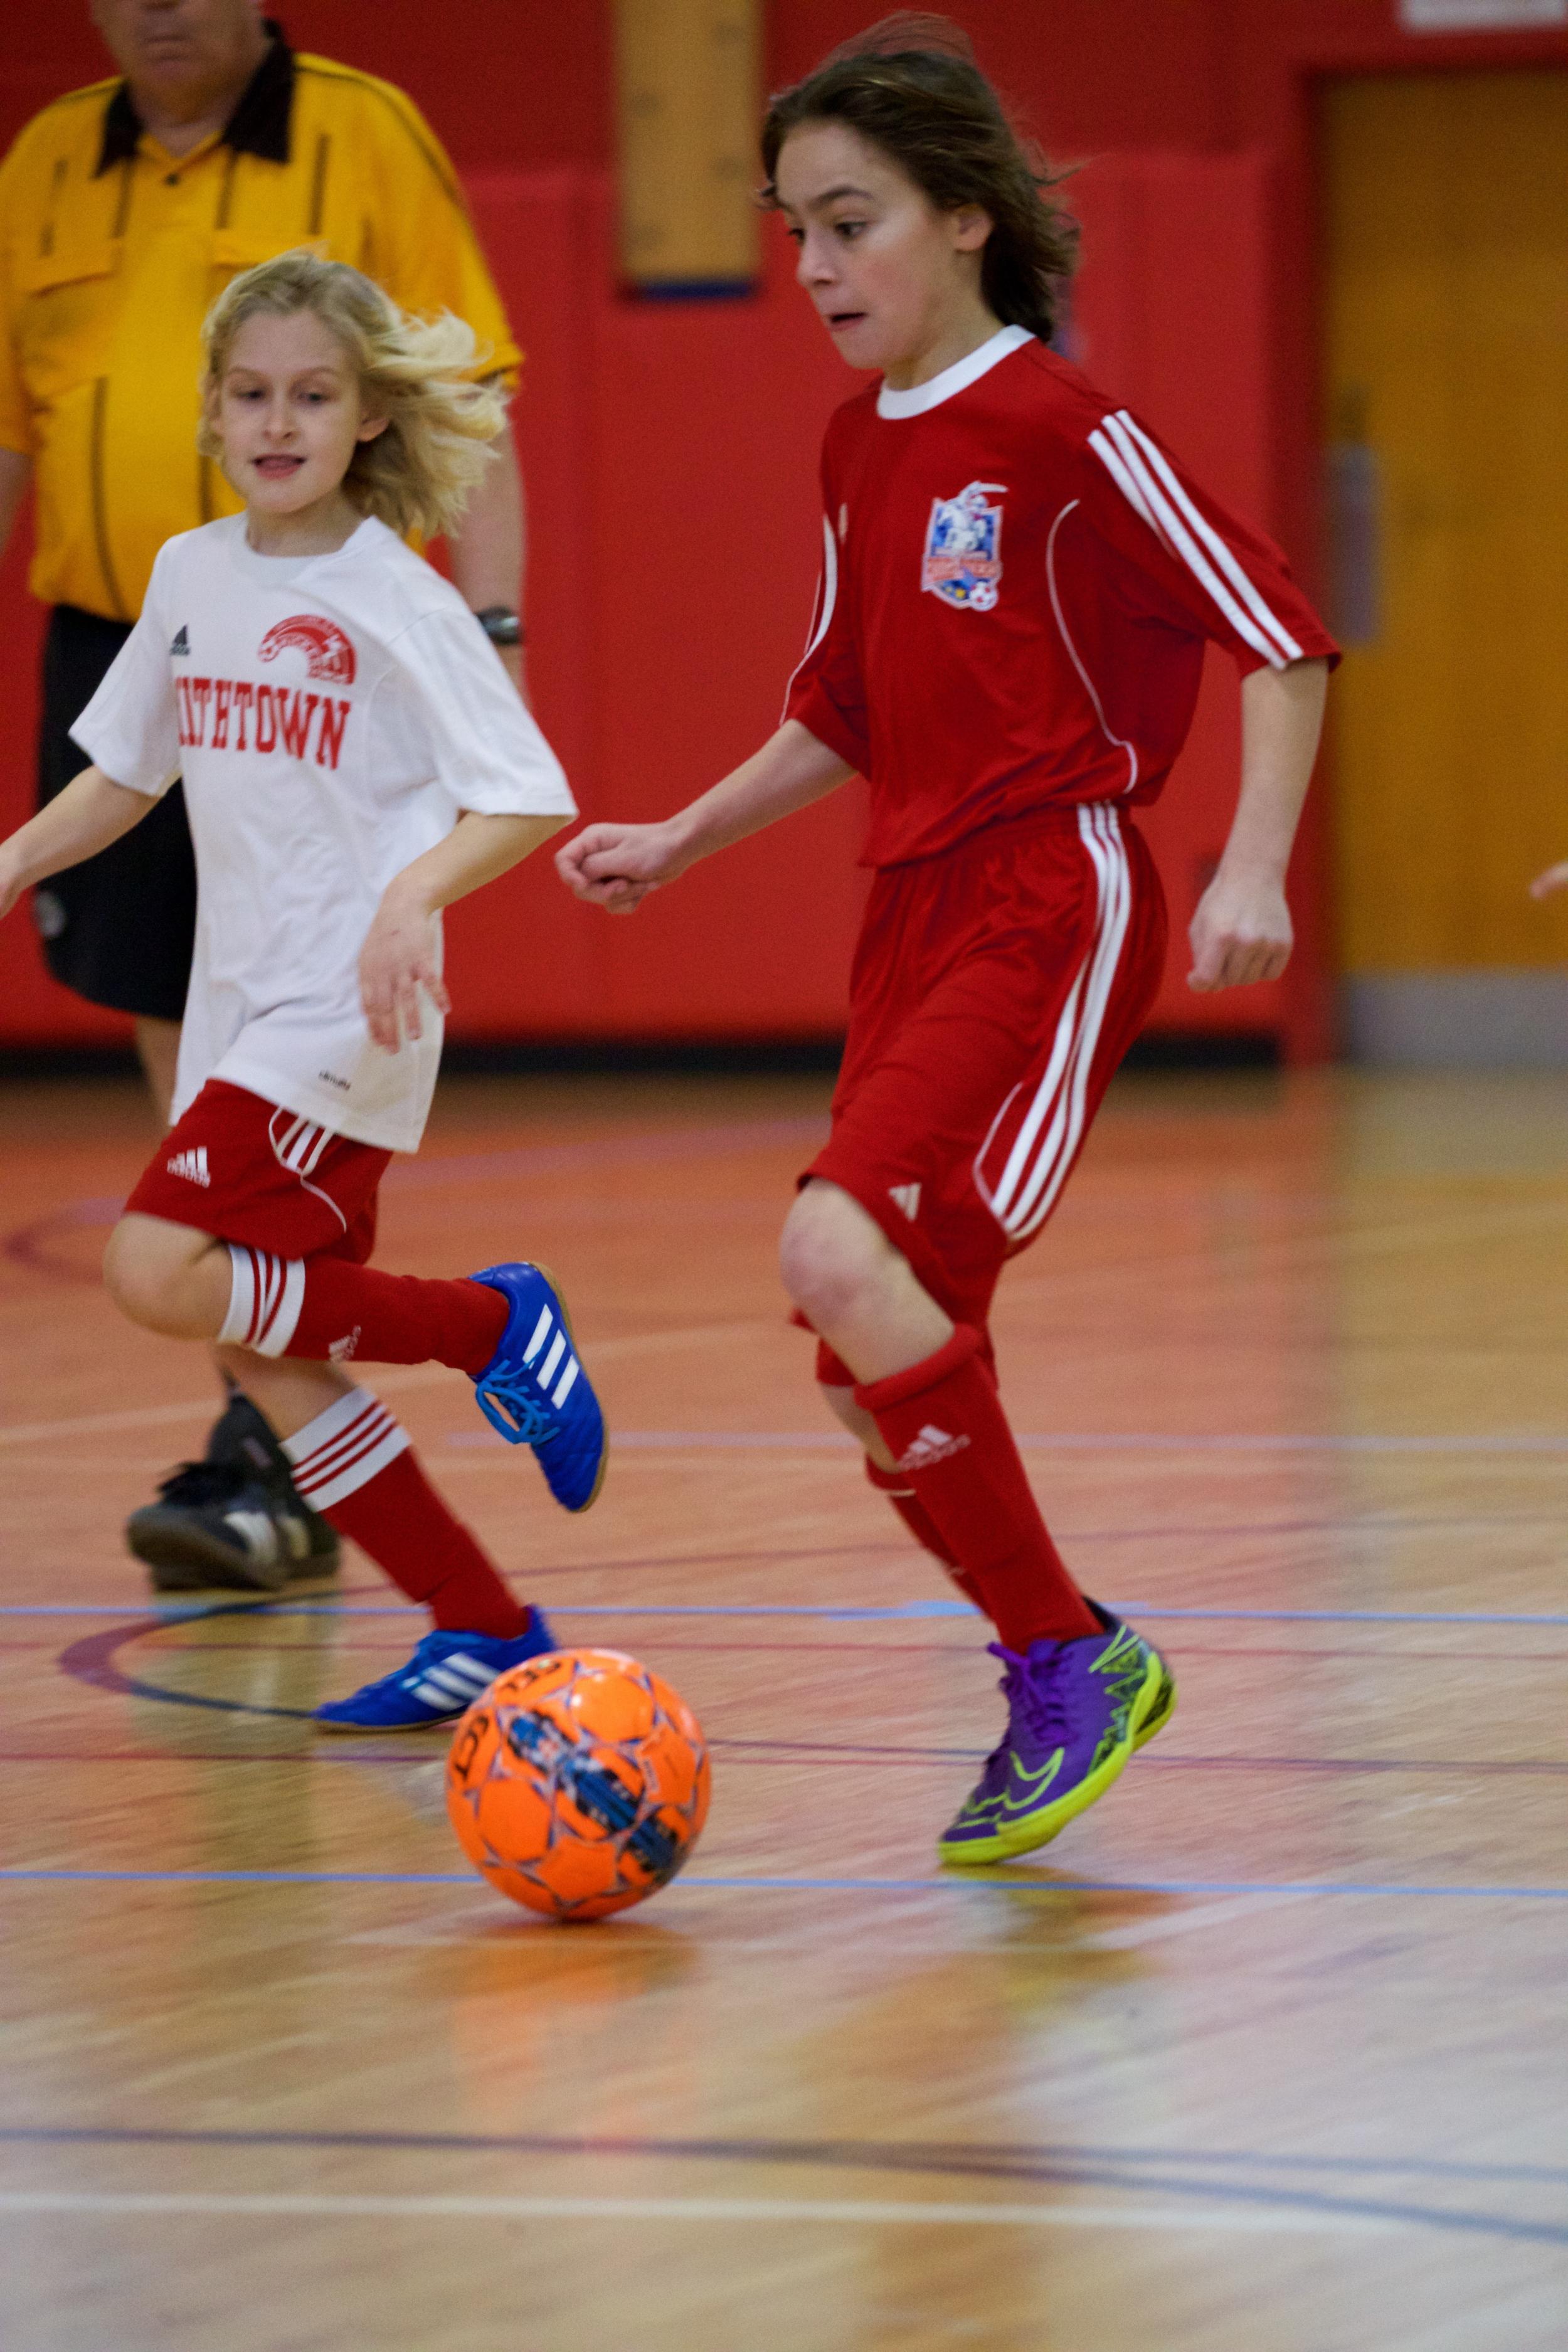 soccer 2 (9 of 31).jpg